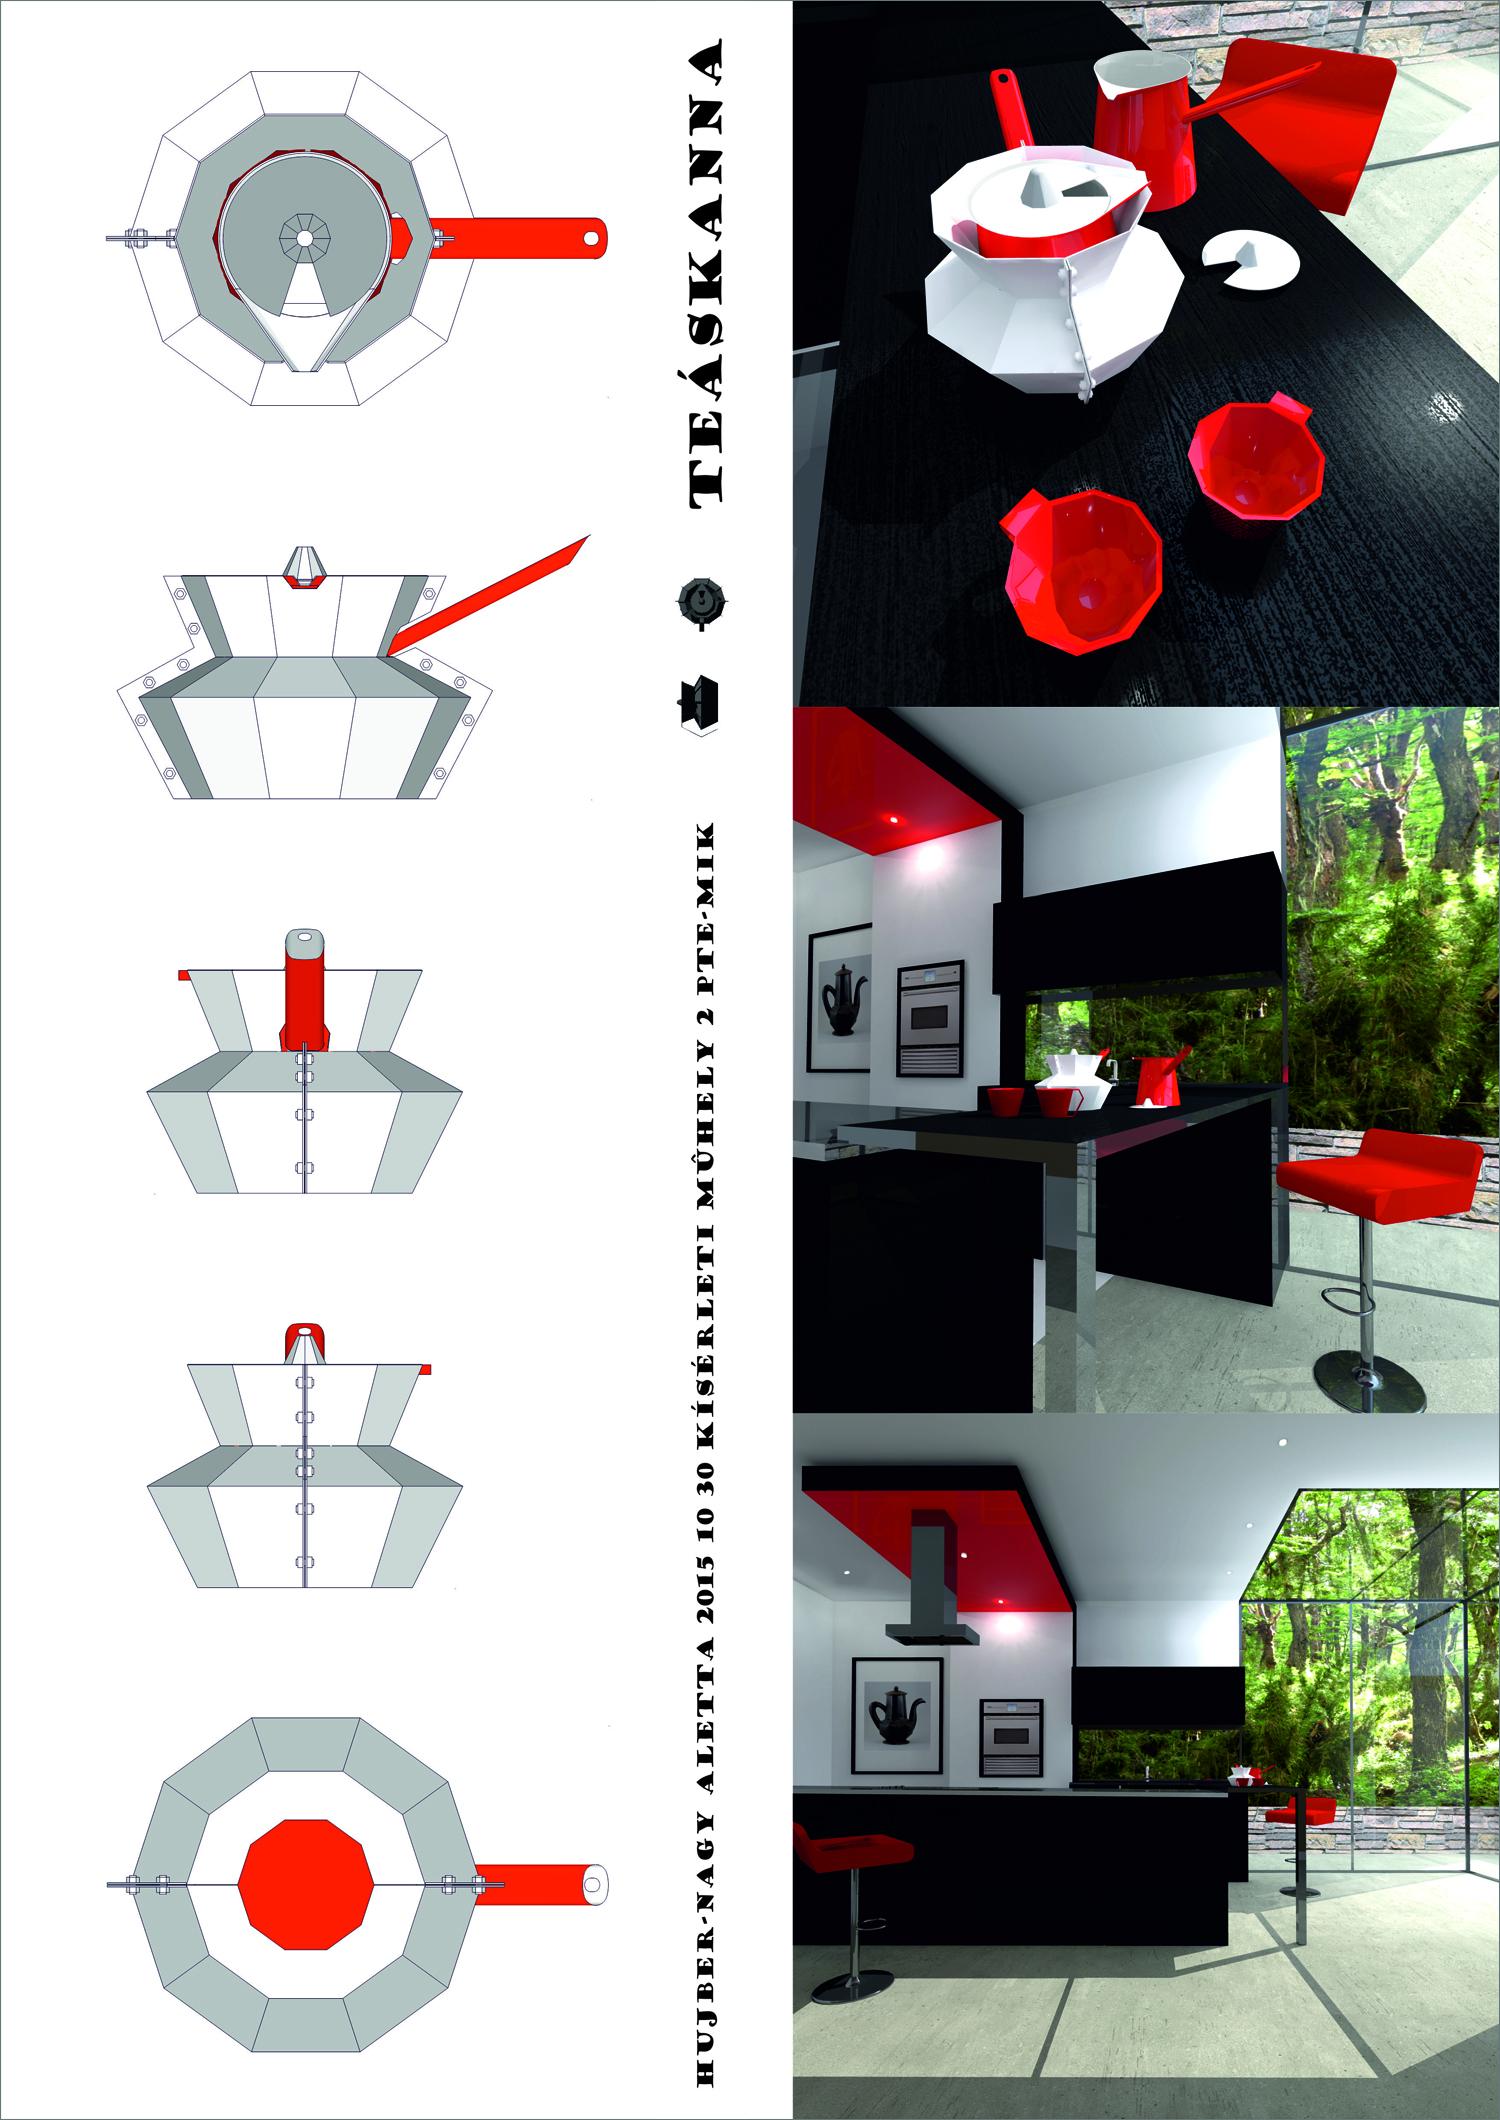 hna design teaskanna koncepcio 2